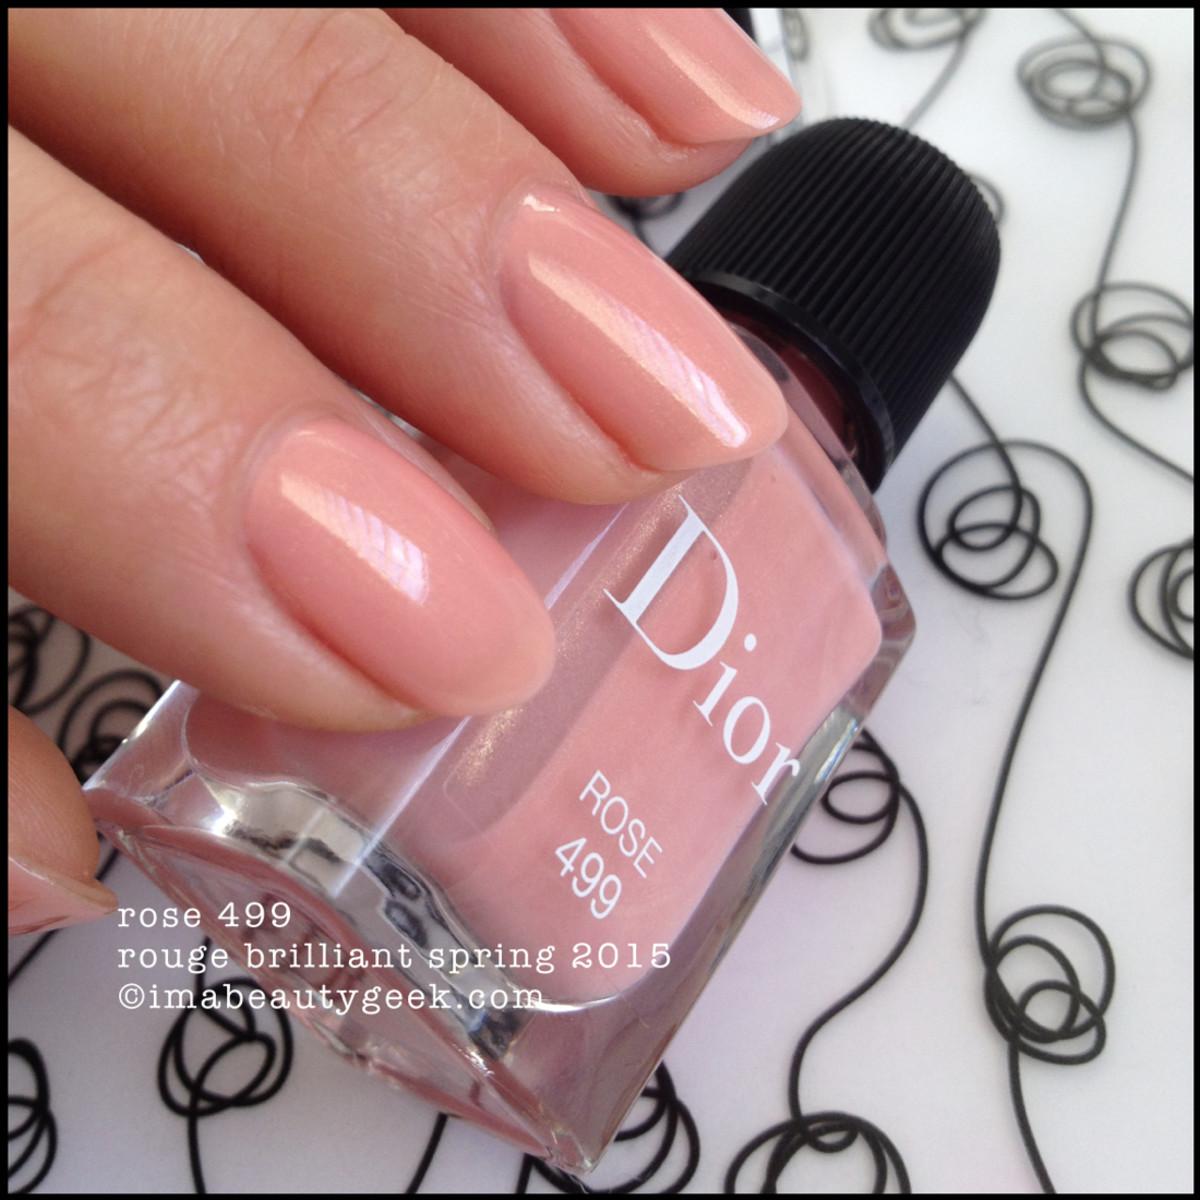 Dior Rouge Brilliant 2015_Dior Vernis Rose 499_2